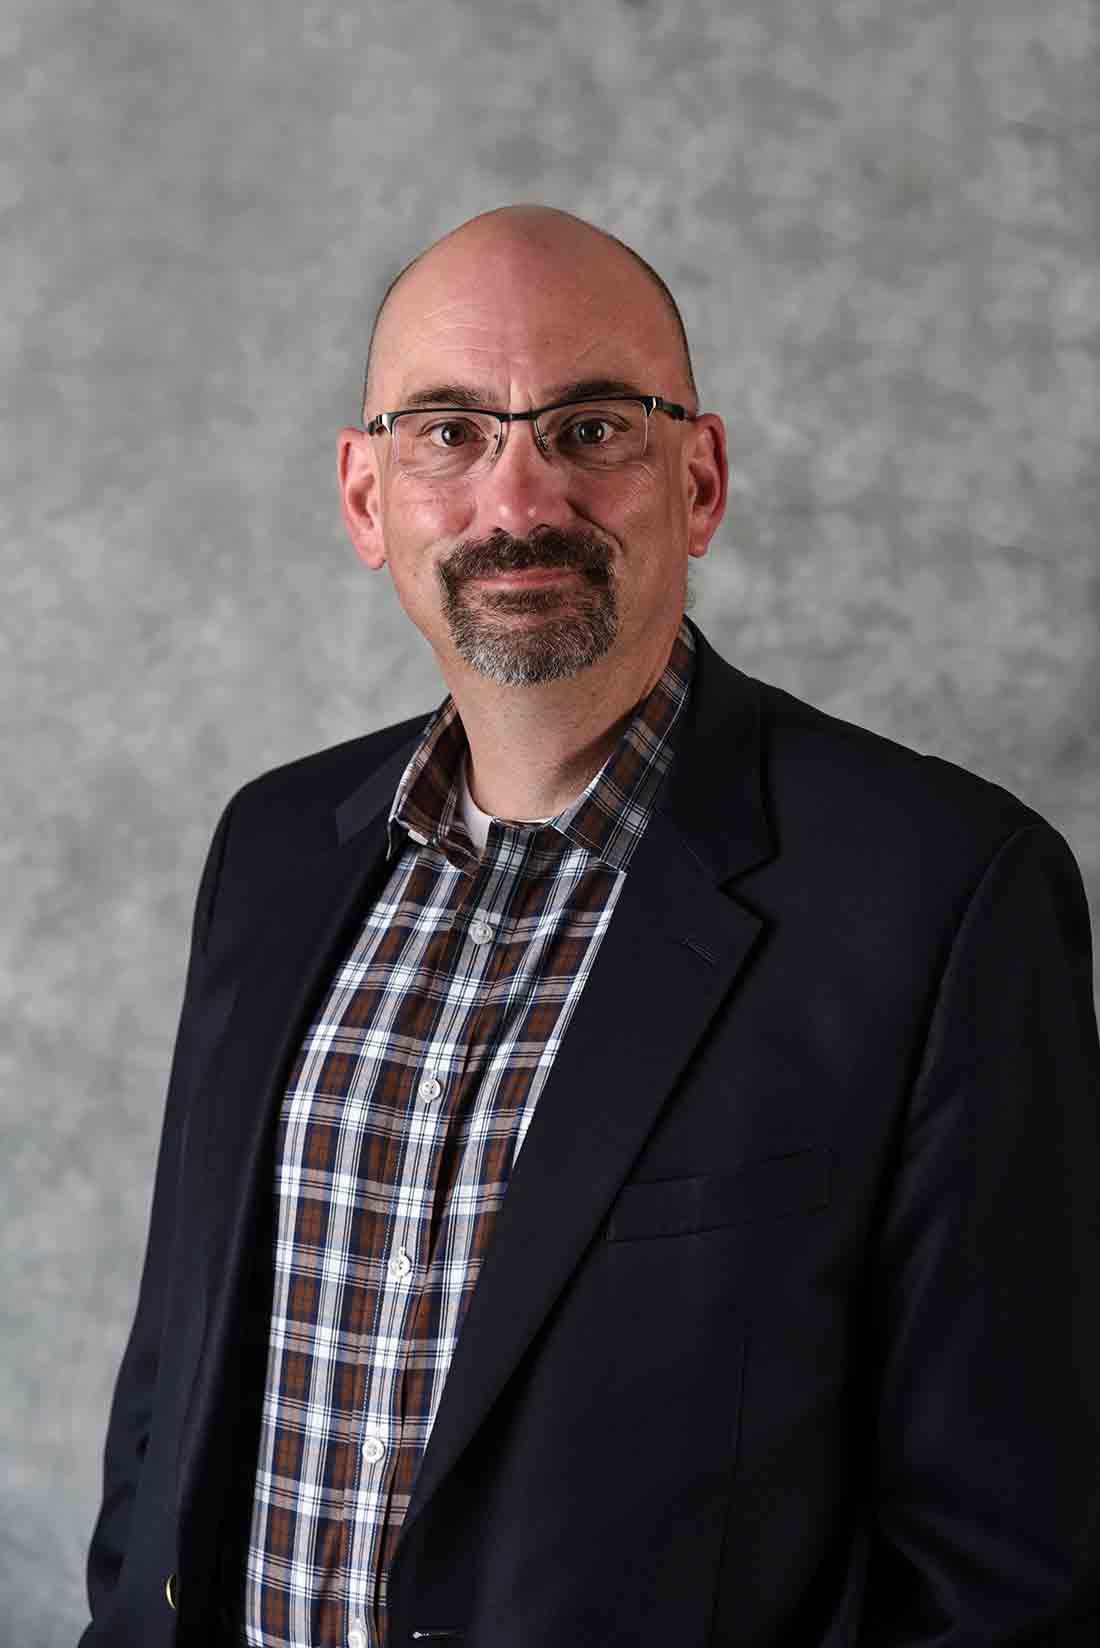 Bob McCain : Family Service Advisor